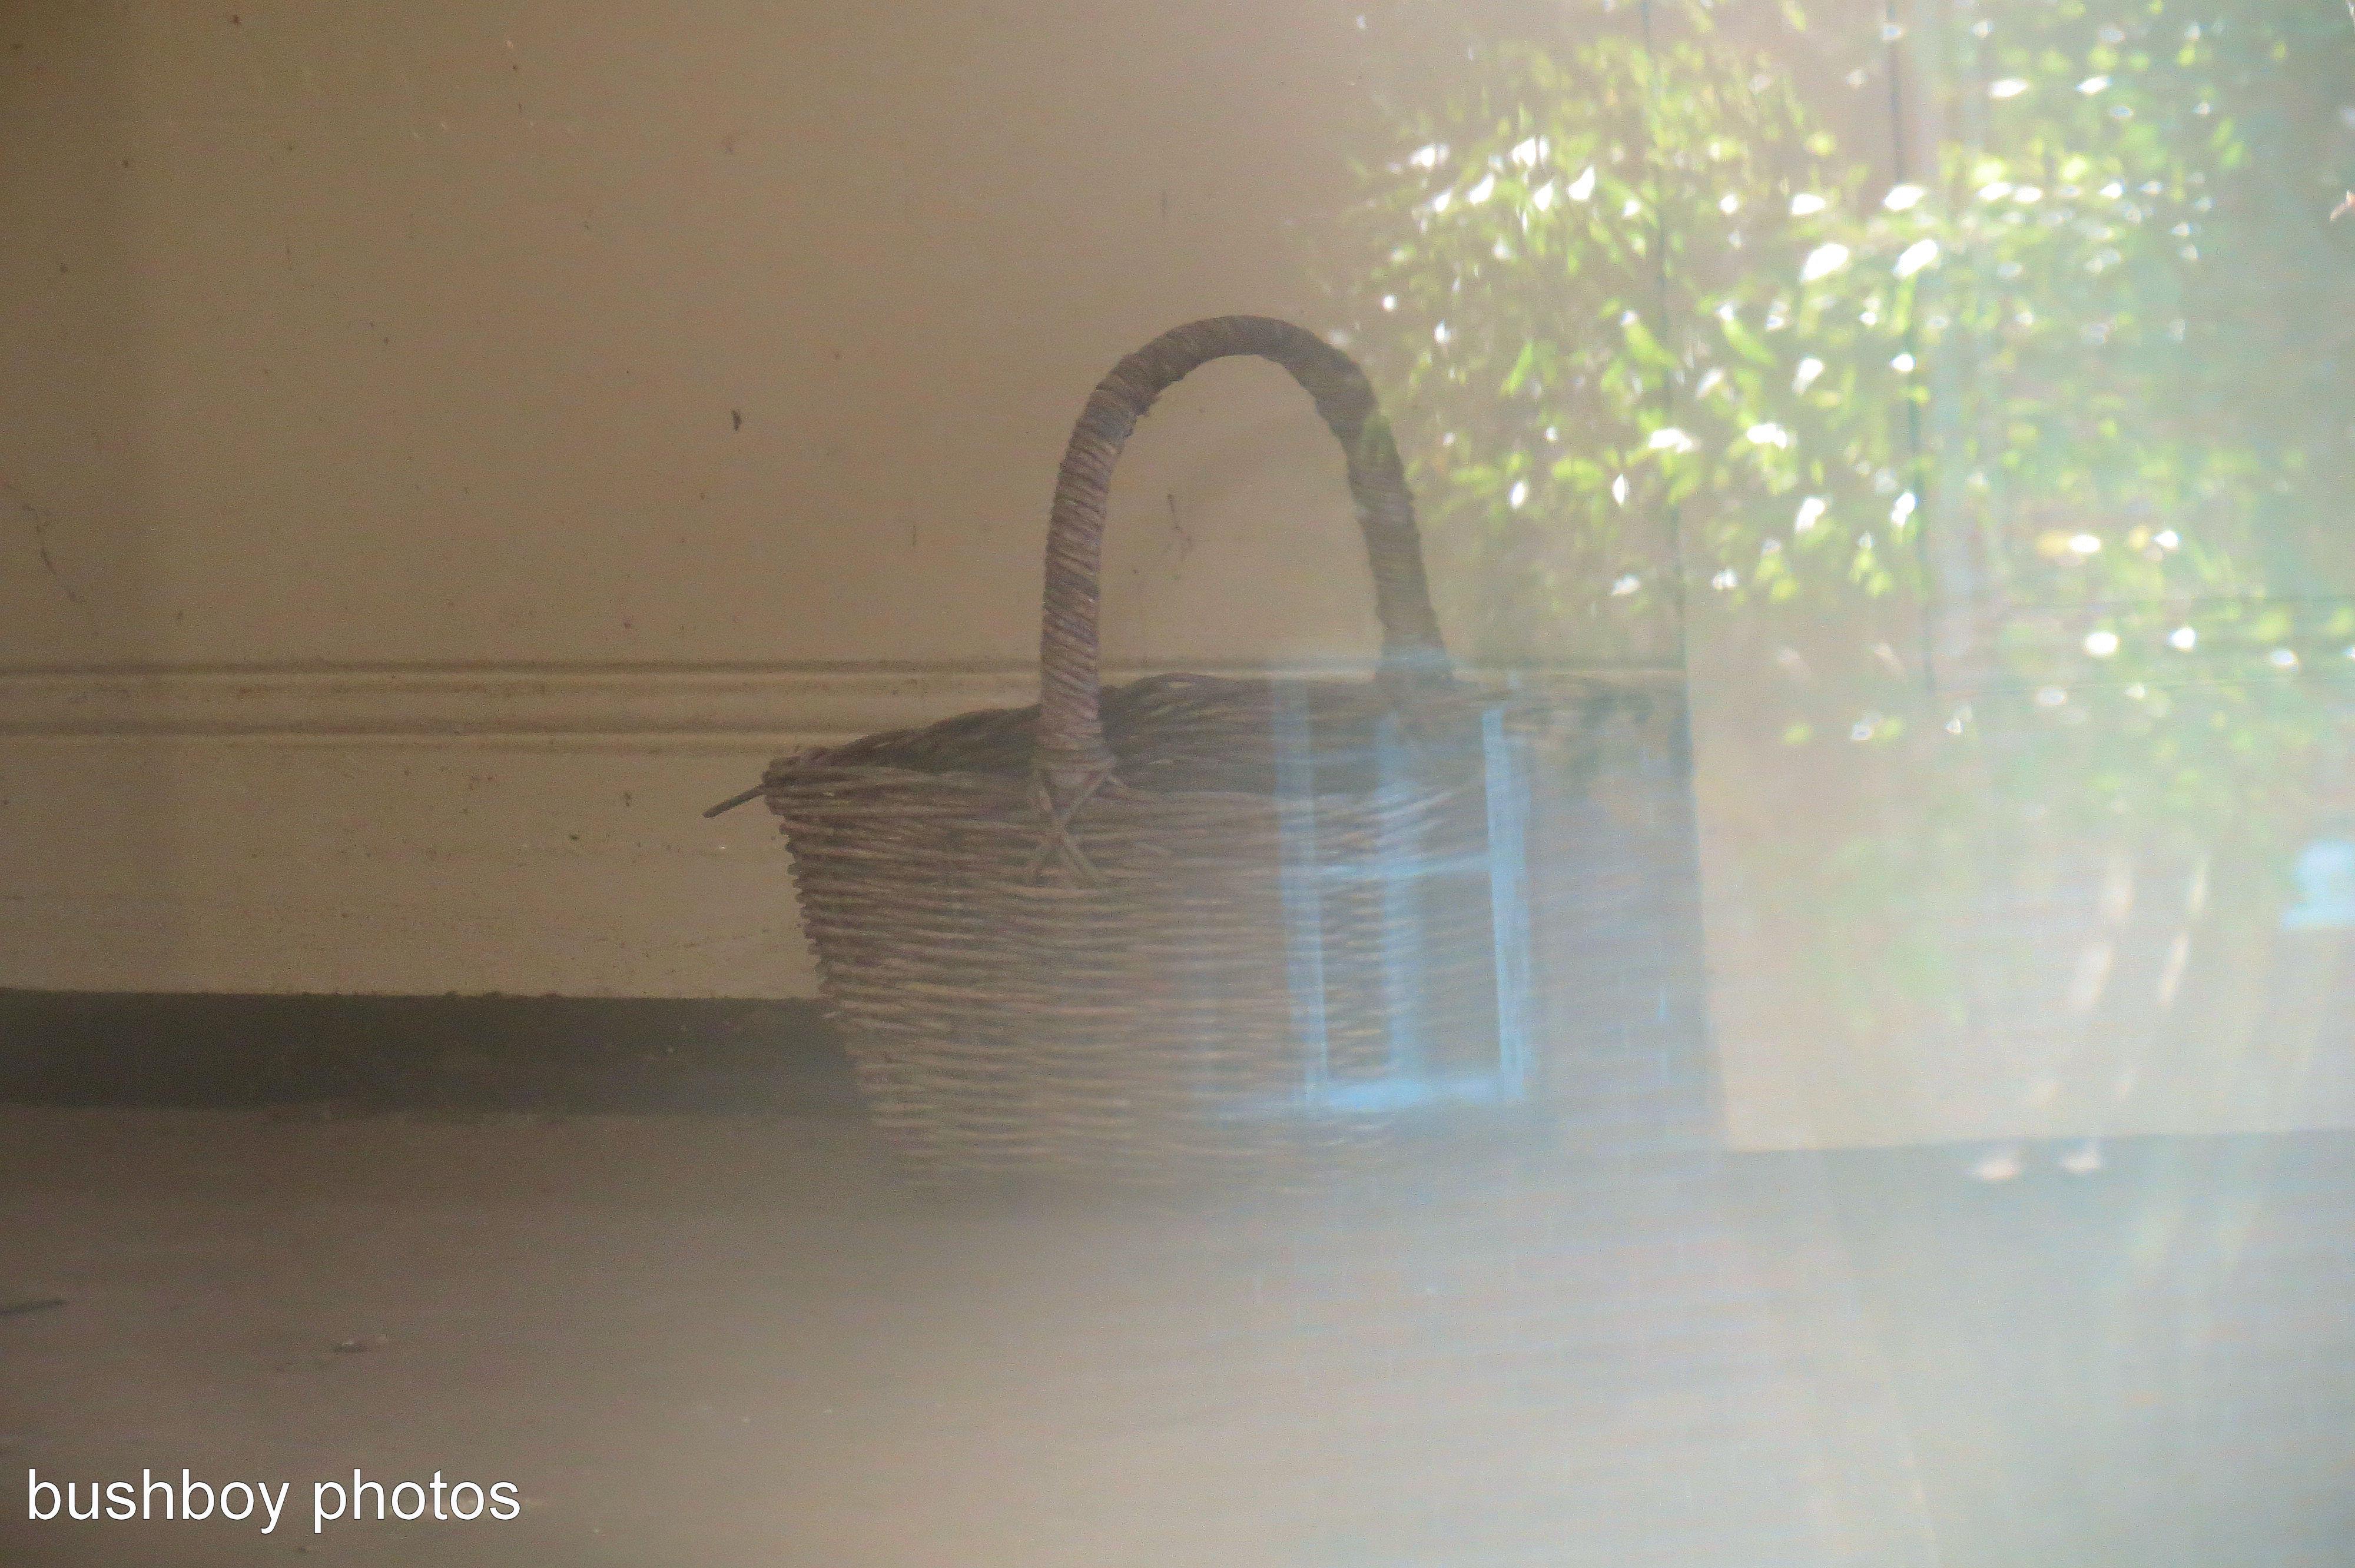 170425_mystery_basket